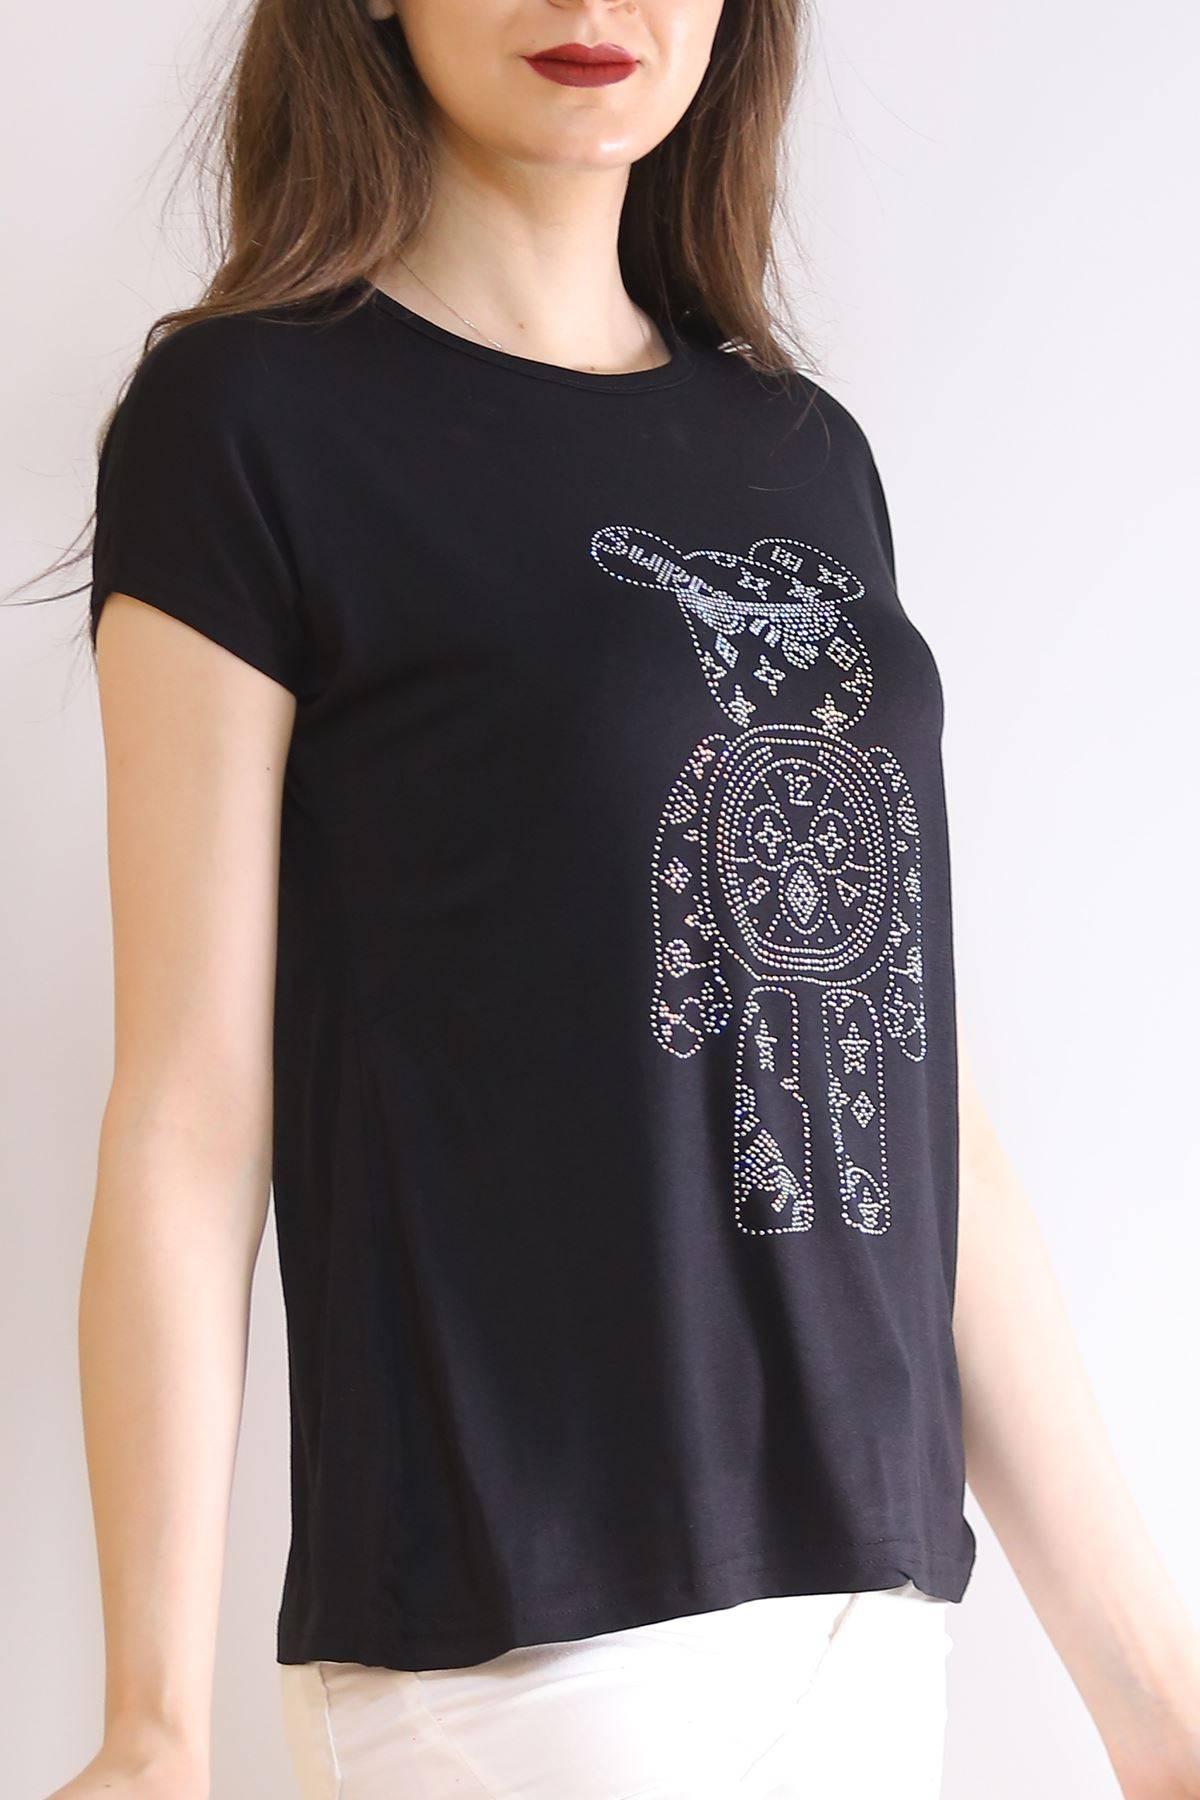 İnci Baskılı Tişört Siyah - 6518.599.